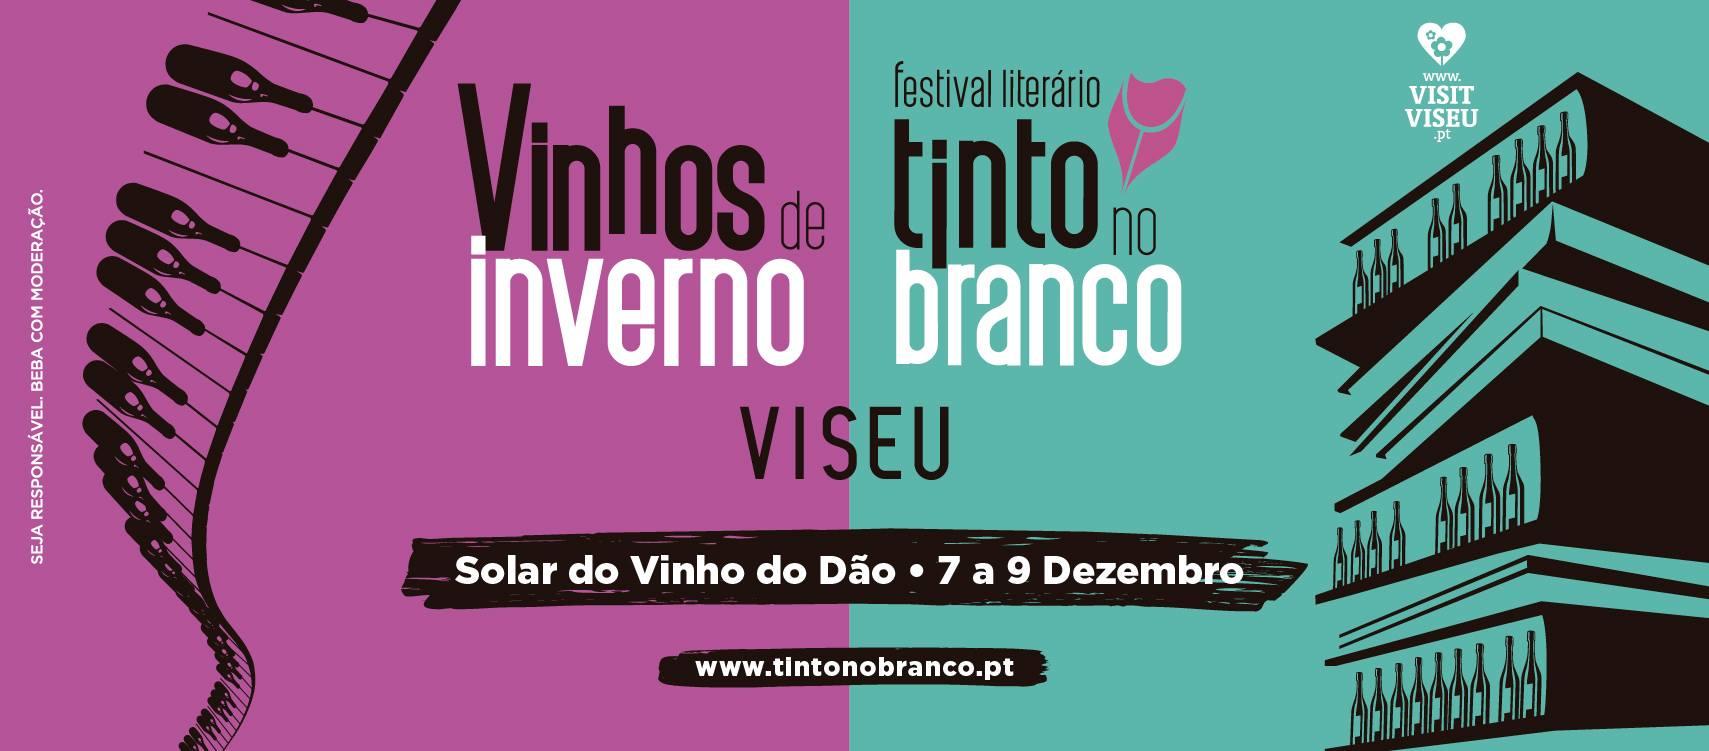 vinhos_inverno18